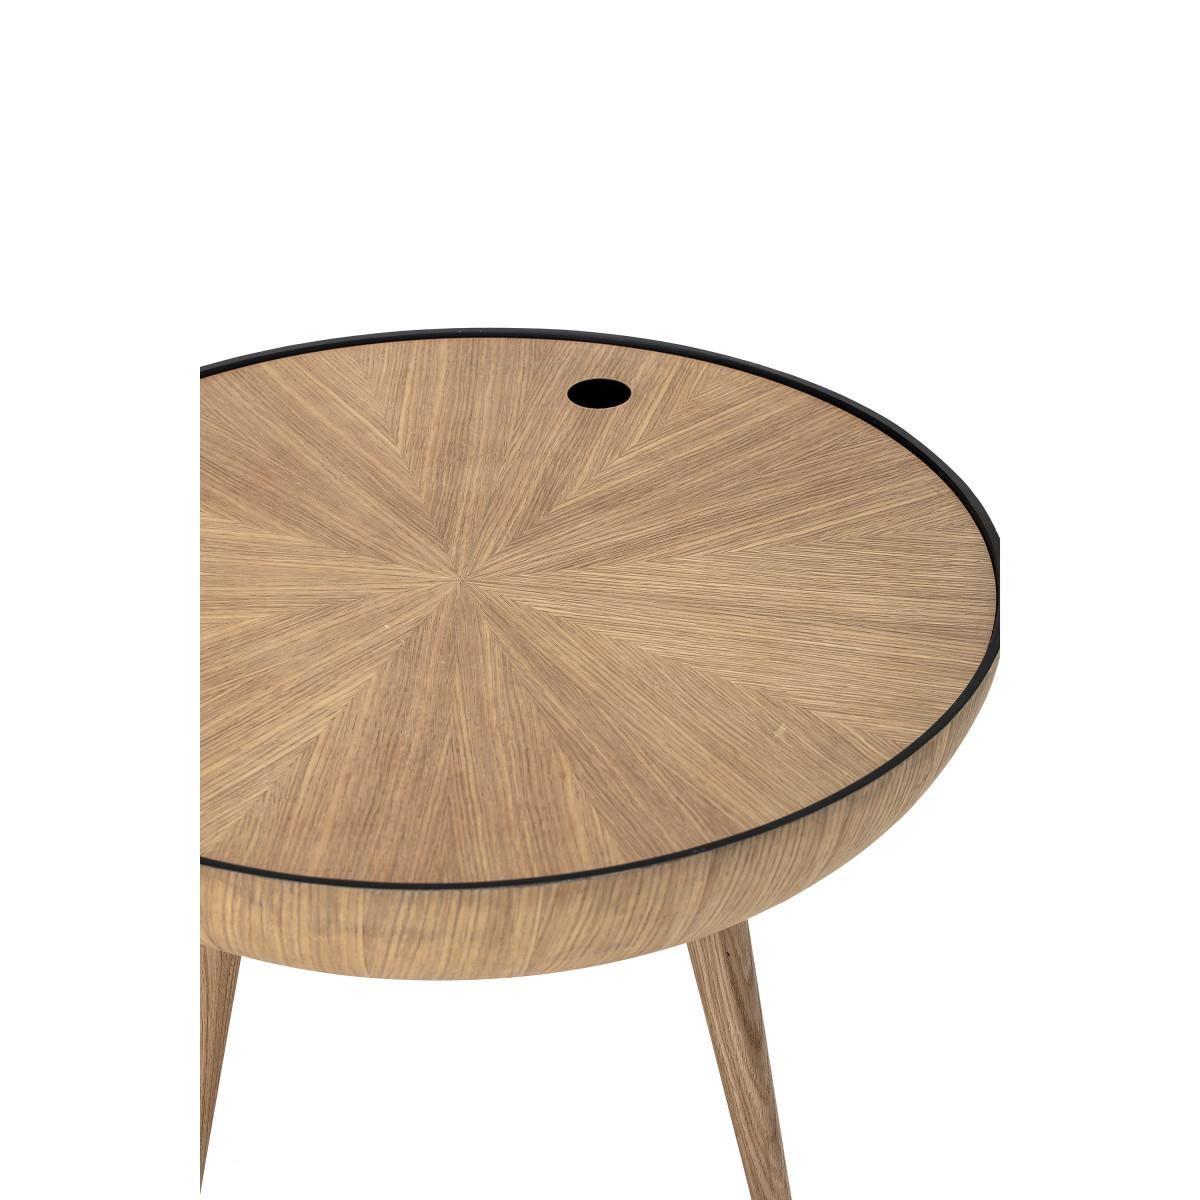 Konferenční stolek s úlož. prostorem Ronda dubový_5